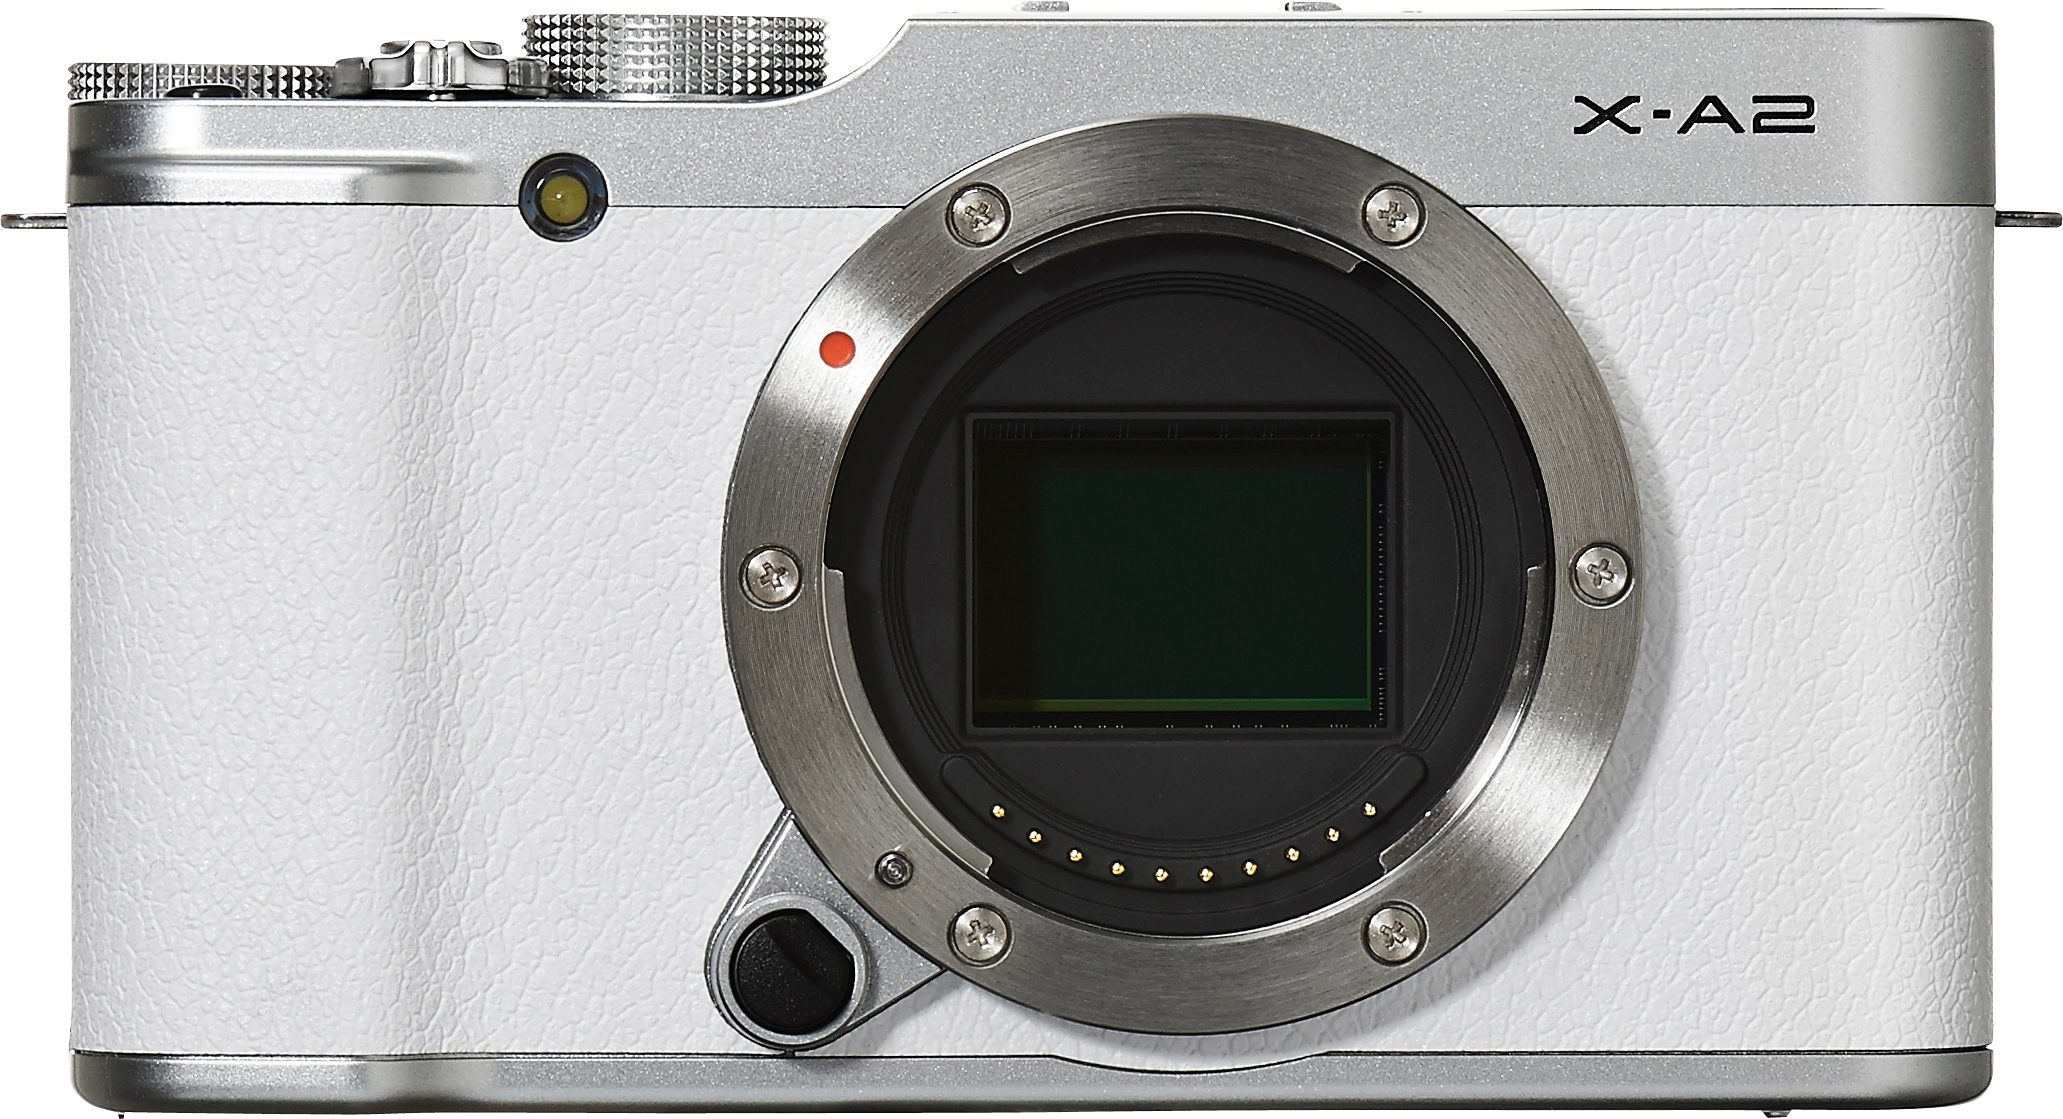 FUJIFILM X-A2 Kit System Kamera, FUJINON XC16-50mm F3.5-5.6 OIS II Zoom, 16,3 Megapixel